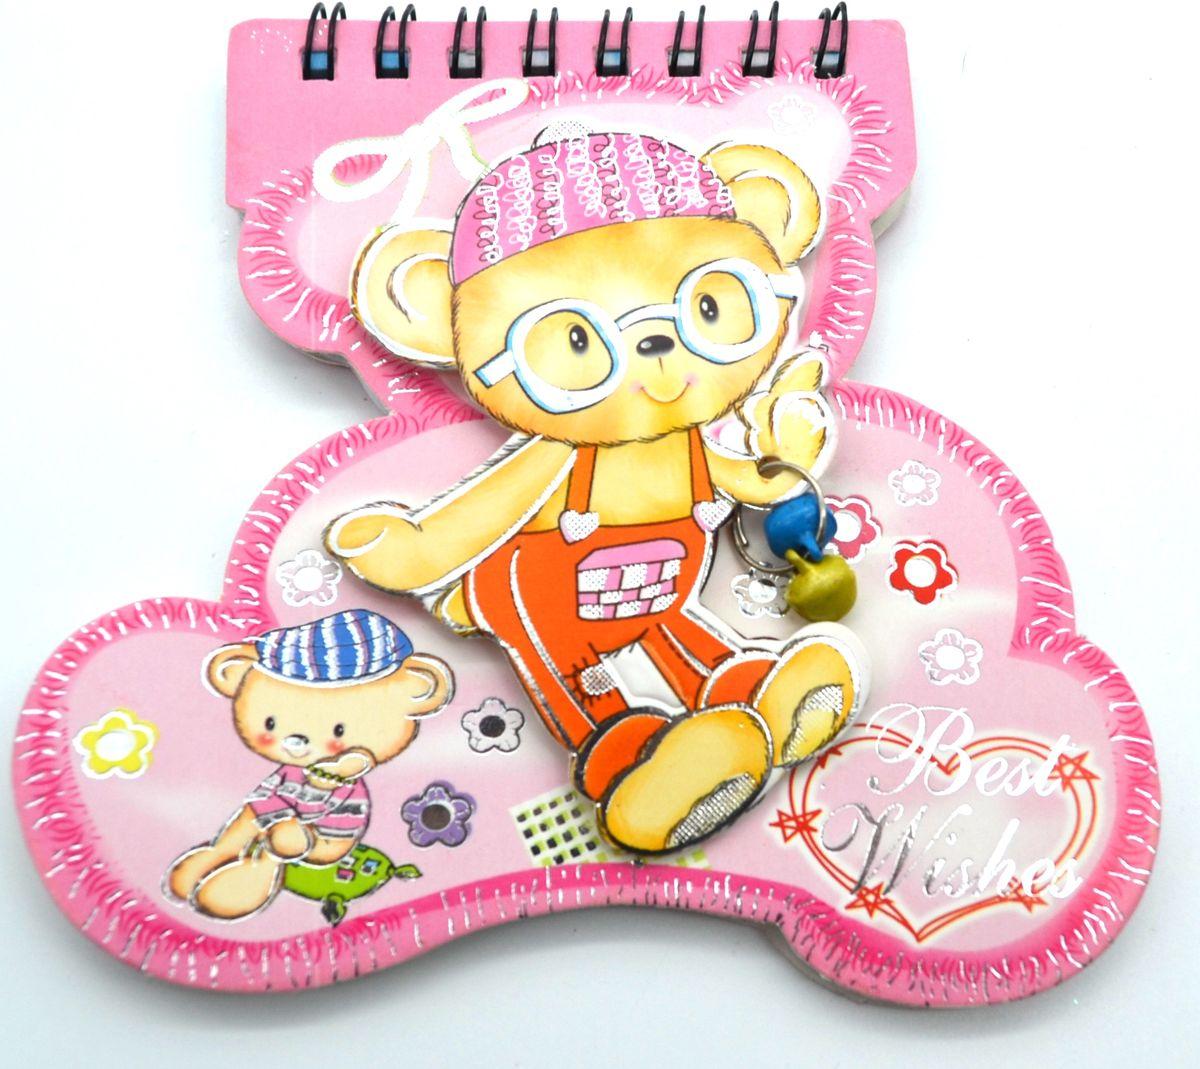 Карамба Блокнот Мишка с бубенчиками 48 листов в линейку цвет розовый 35643564Блокнот Карамба Мишка с бубенчикам на пружине вырублен по форме мишки с объемным изображением мишки с бубенчиками на обложке. Блокнот содержит 48 разлинованных листов в линейку с изображением мишки. Изделие имеет индивидуальную упаковку.